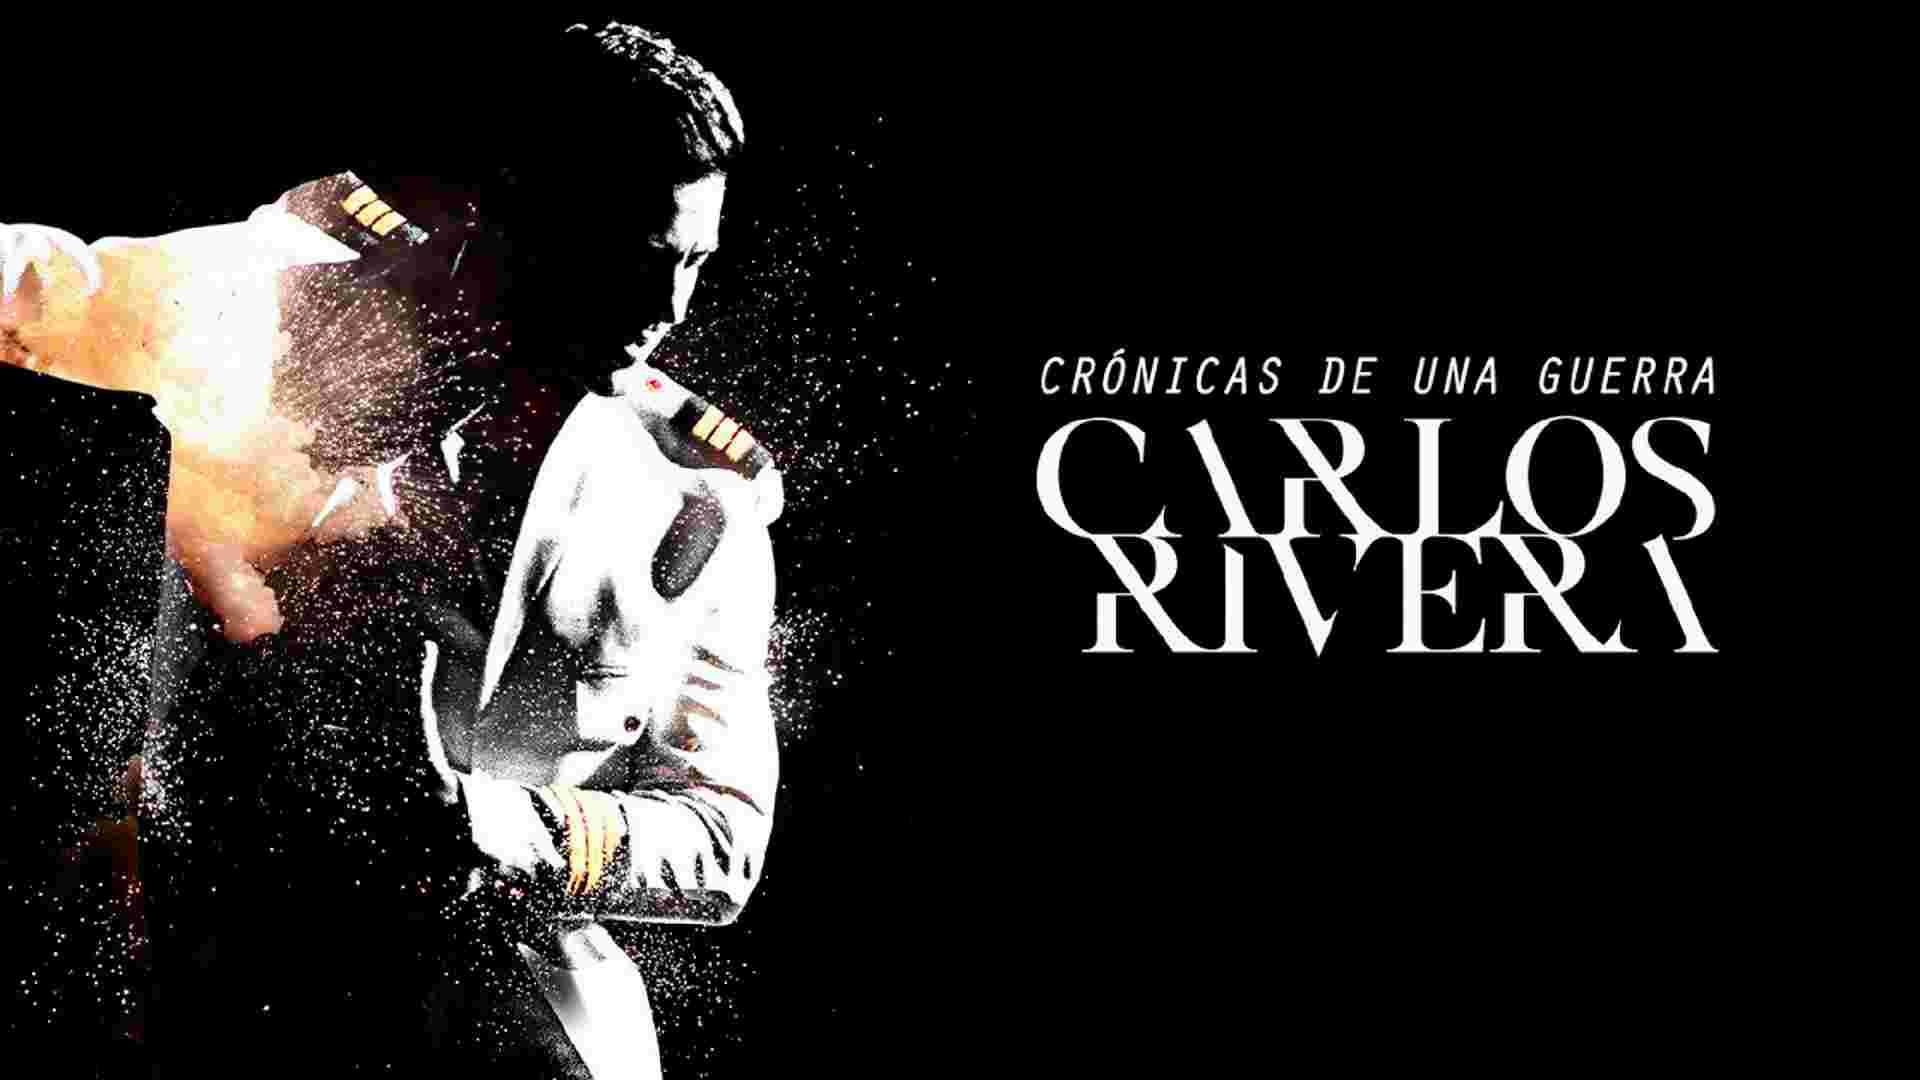 Carlos Rivera-Tlaxcala-Crónicas de guerra-Disney plus